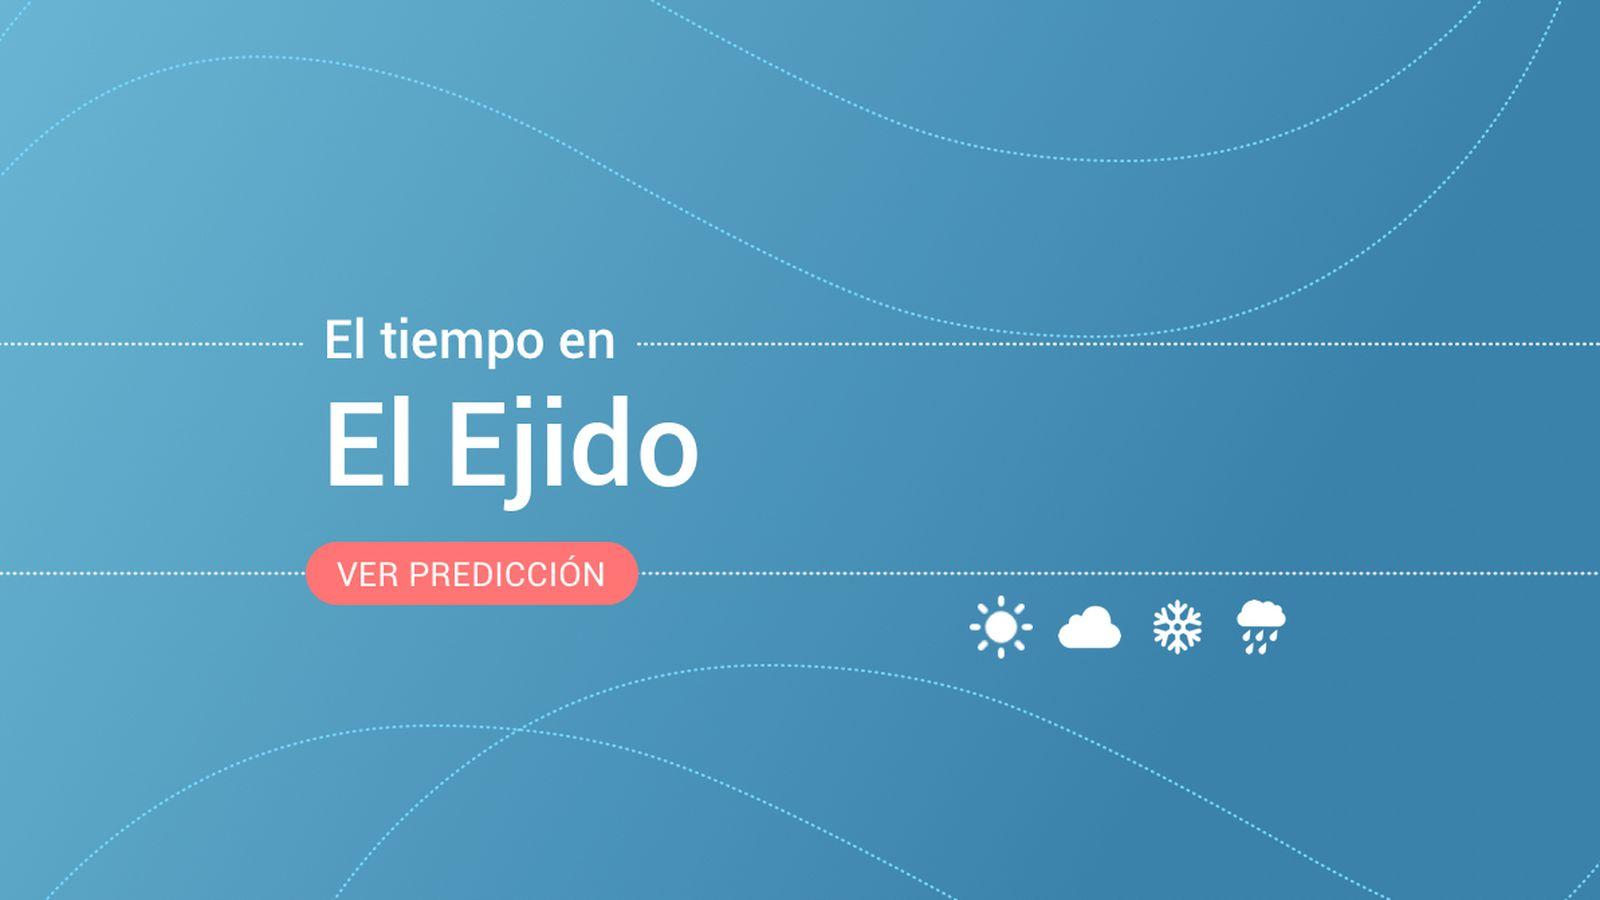 Foto: El tiempo en El Ejido. (EC)